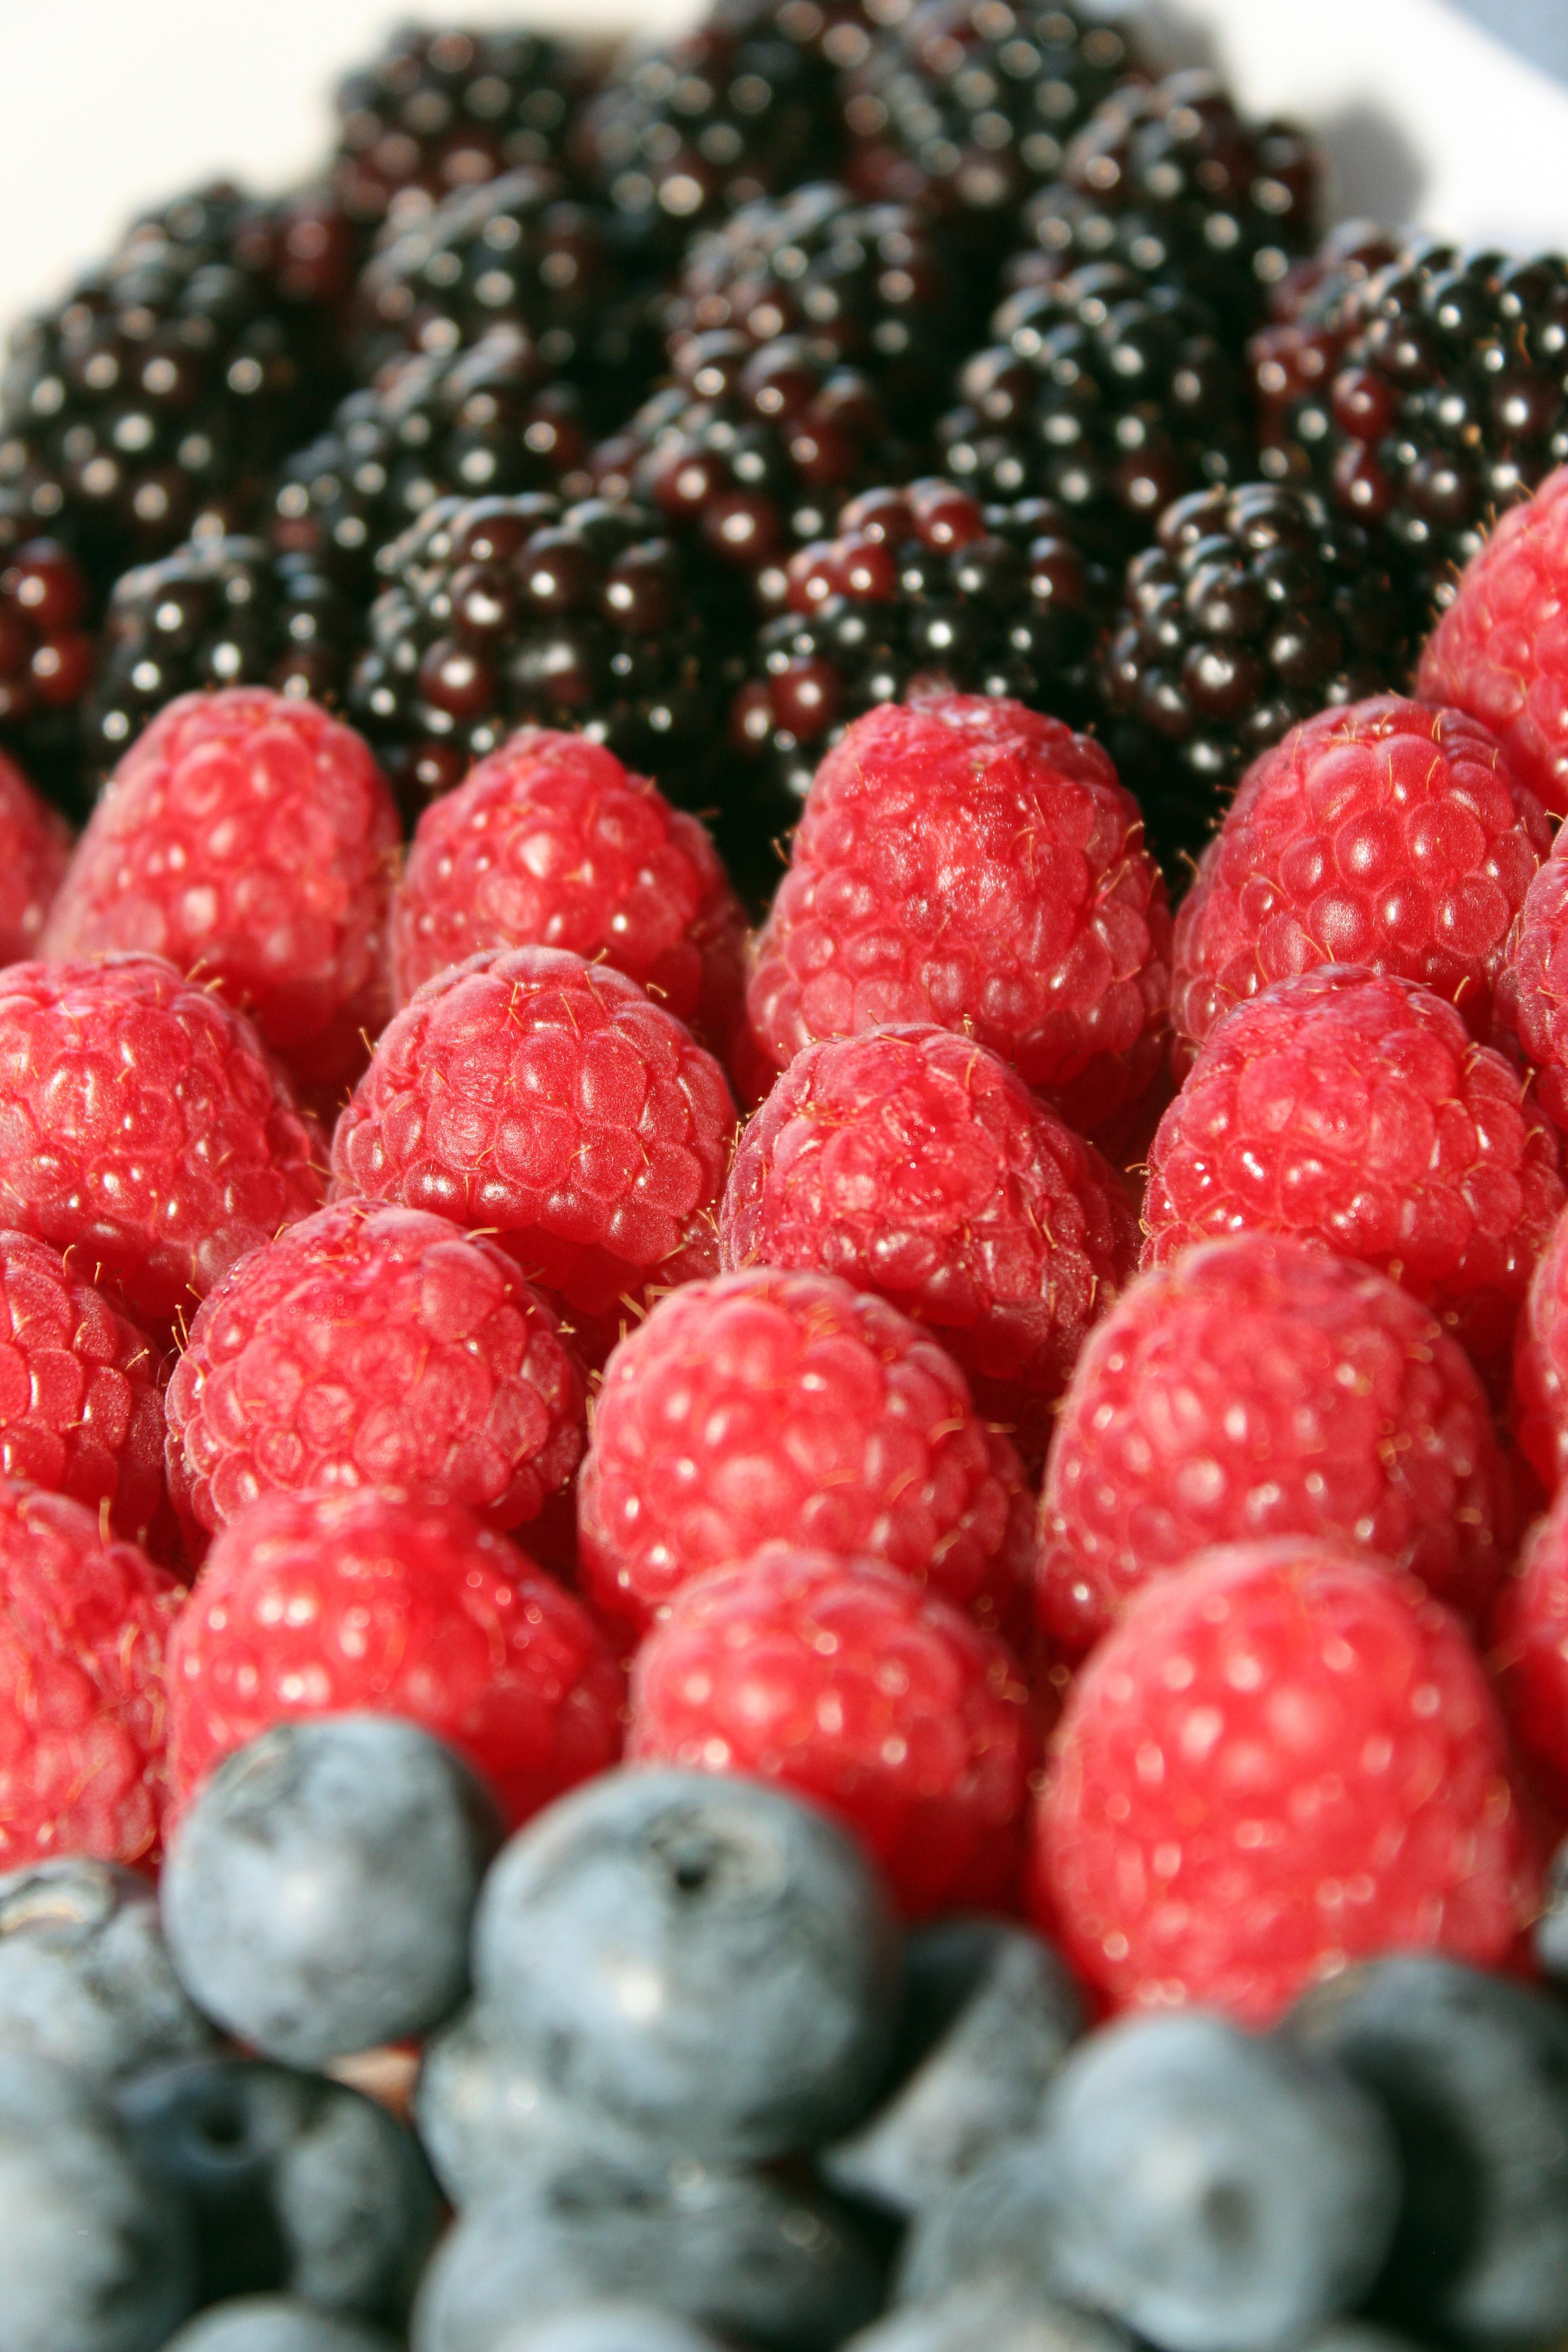 Plant Raspberry Fruit Berry Food Produce Dessert Blackberry Blueberries Raspberries Blackberries Frutti Di Bosco Zante Currant